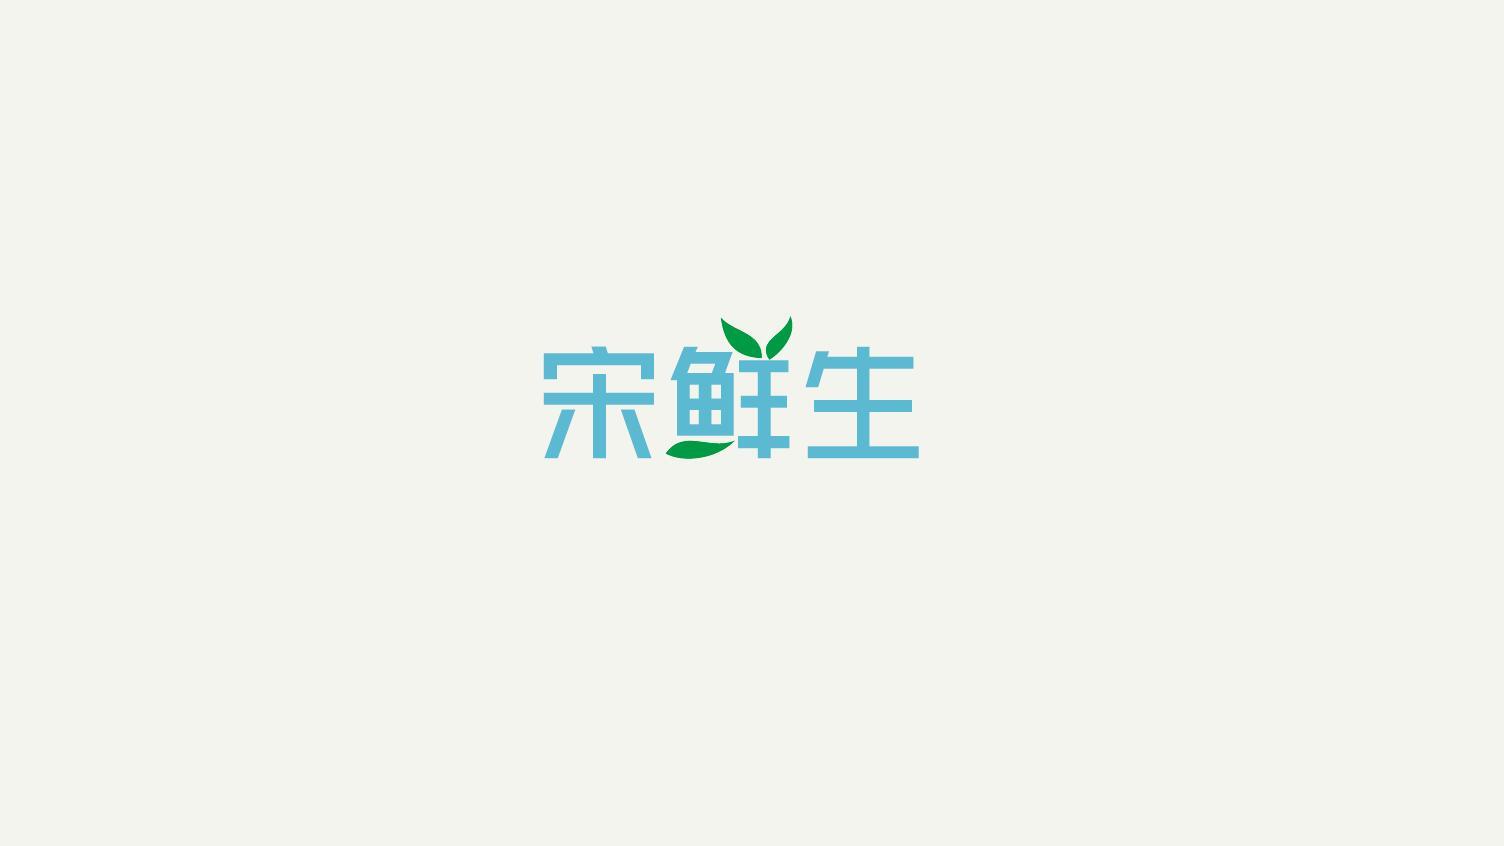 长方形logo边框素材